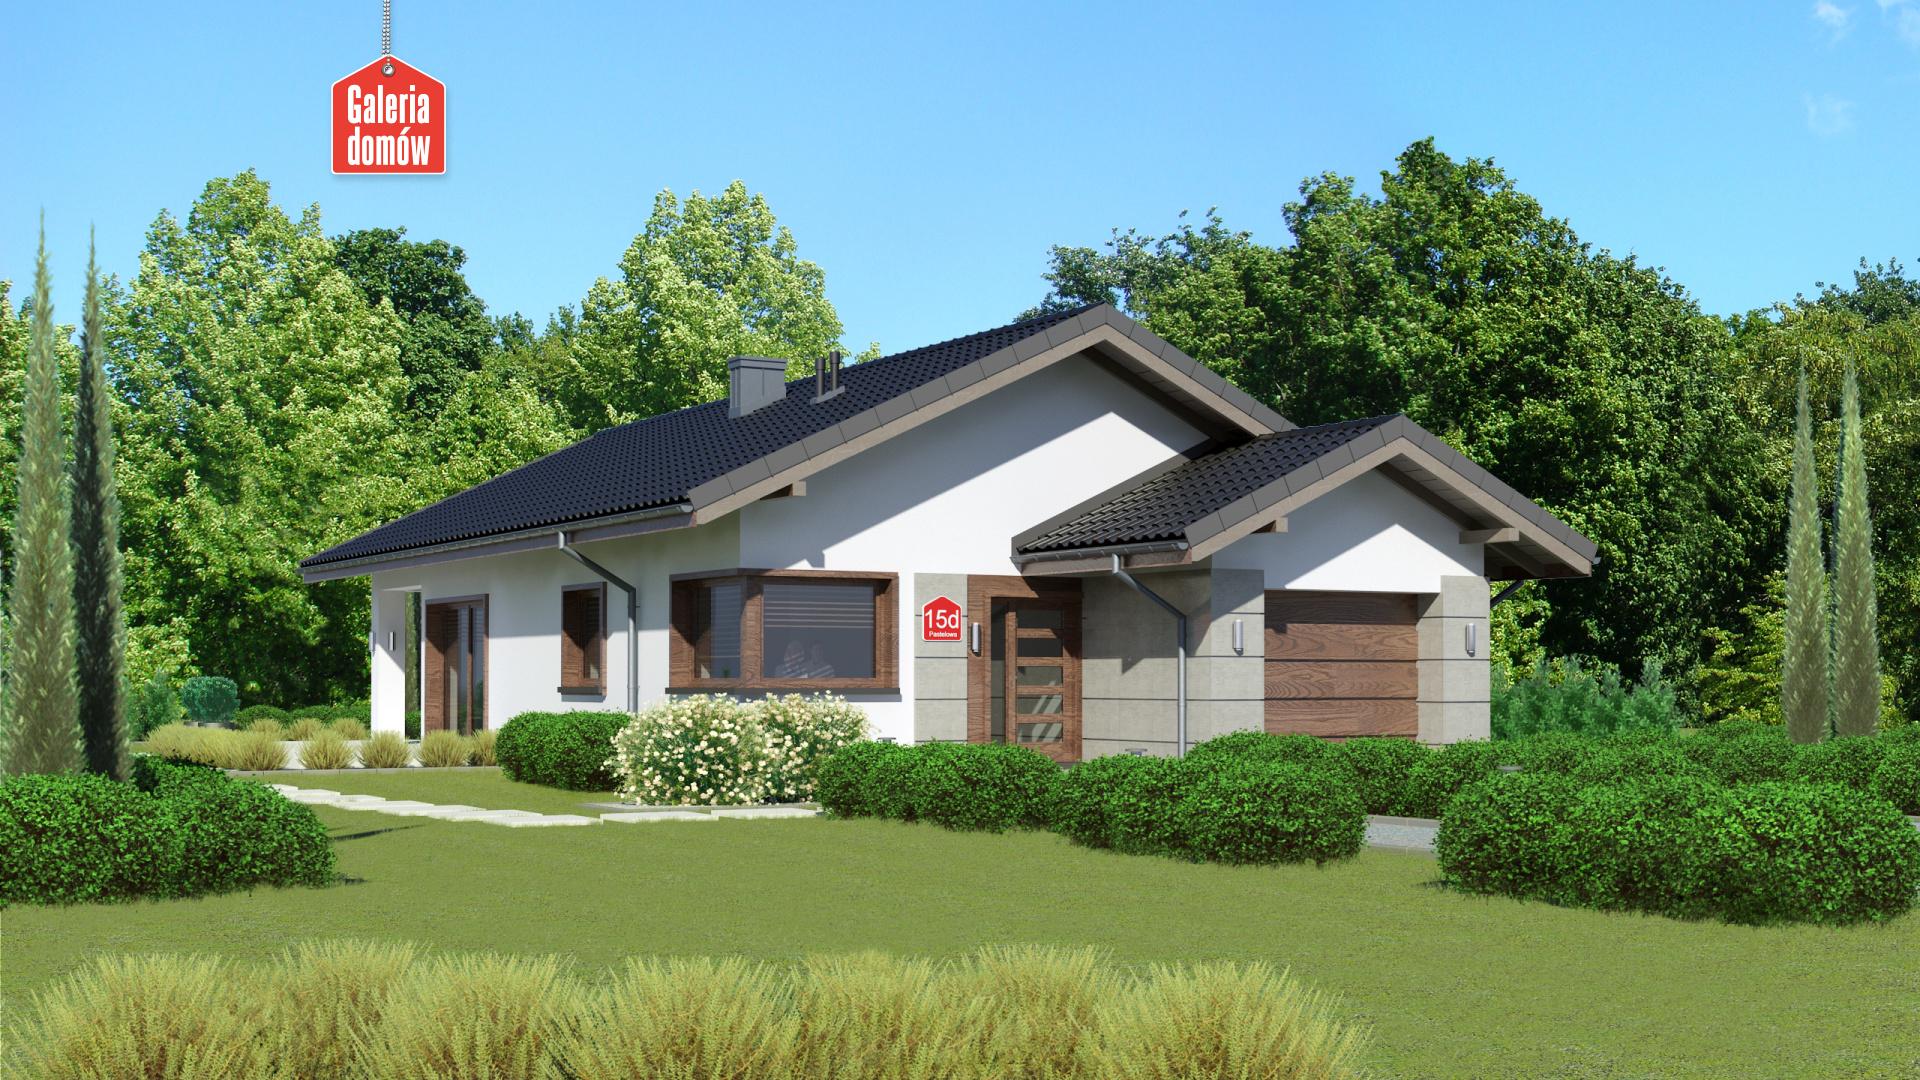 Dom przy Pastelowej 15 D - zdjęcie projektu i wizualizacja